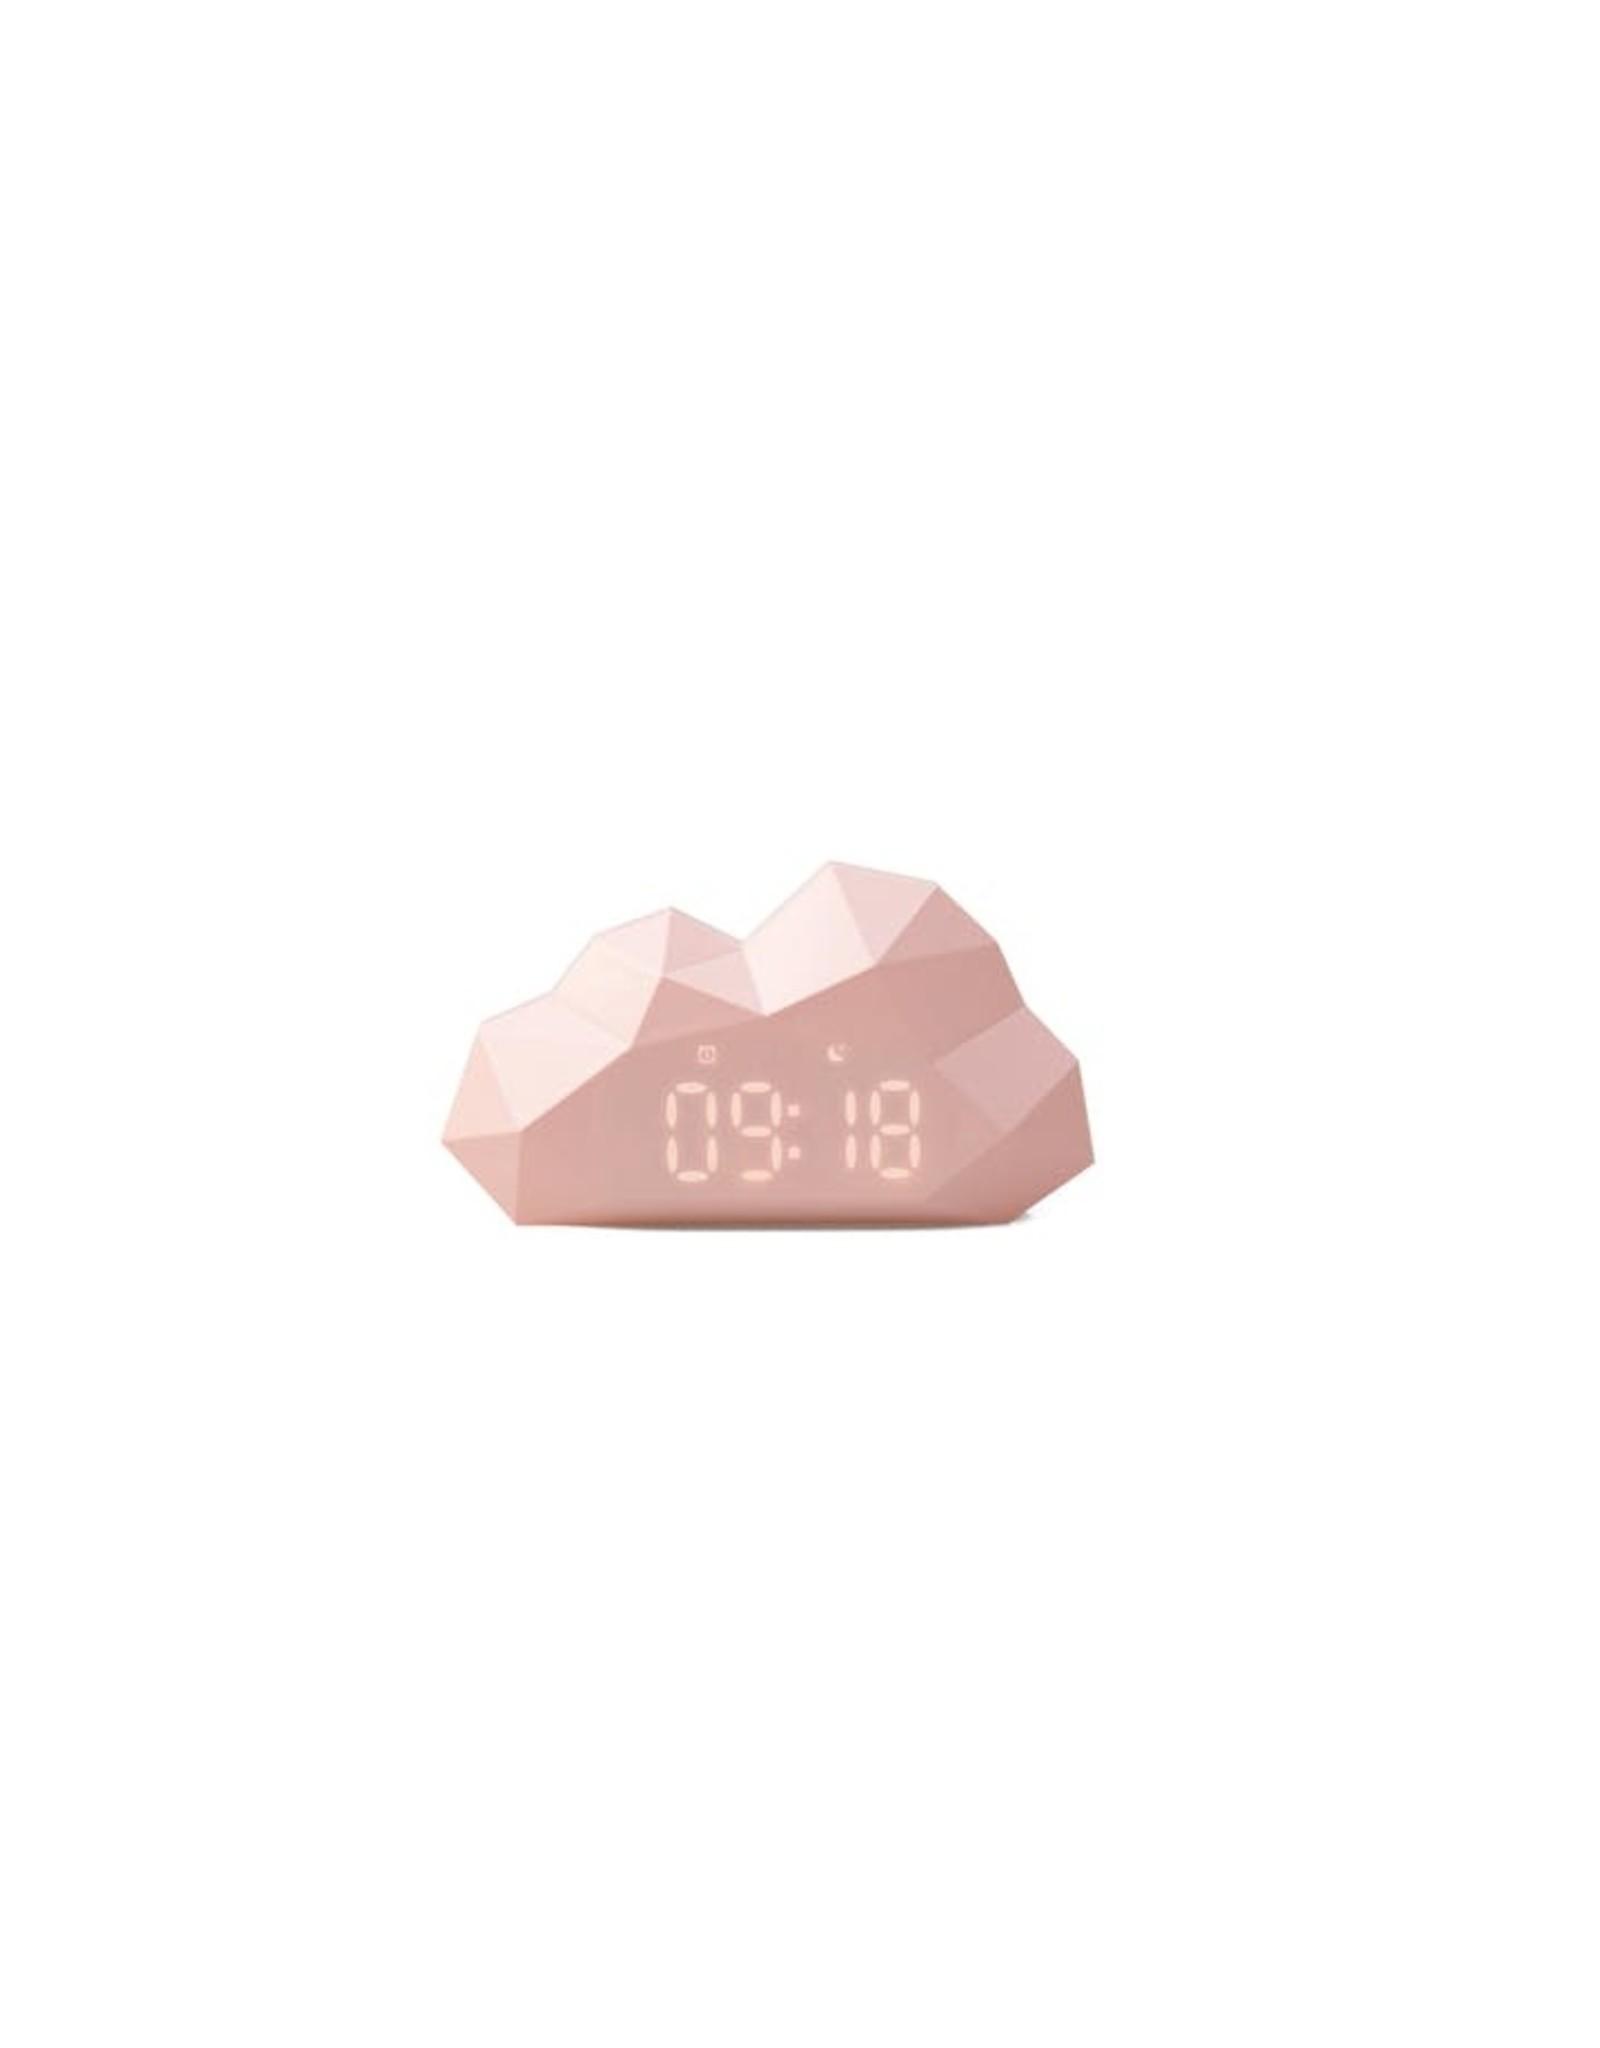 MOB Réveil nuage intelligent - Rose